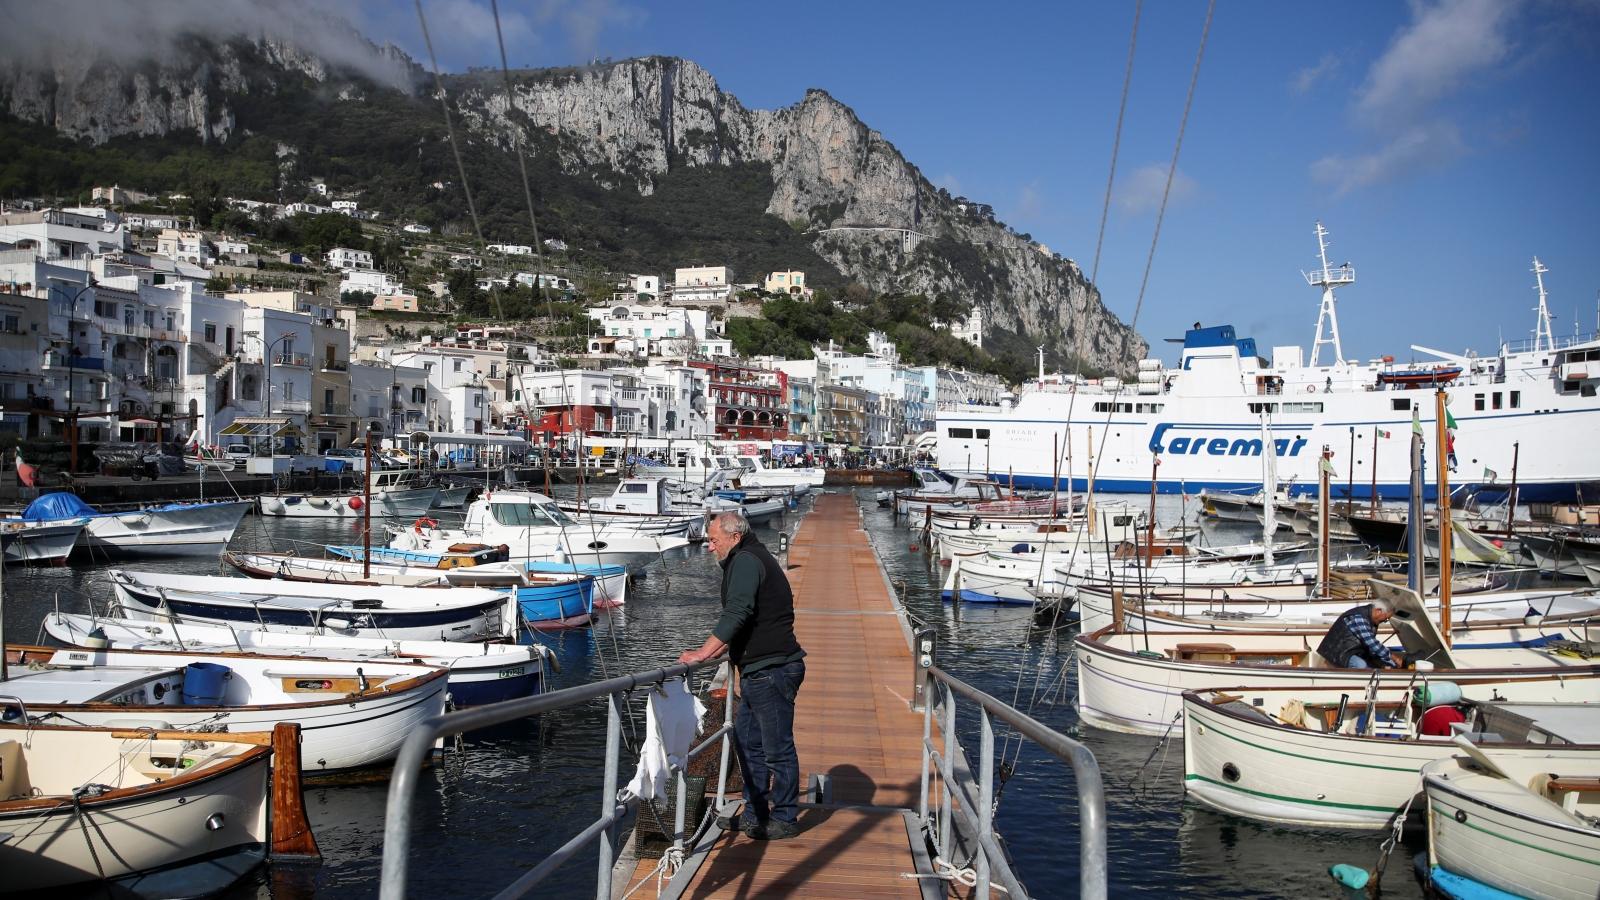 Châu Âu gấp rút hồi sinh ngành du lịch